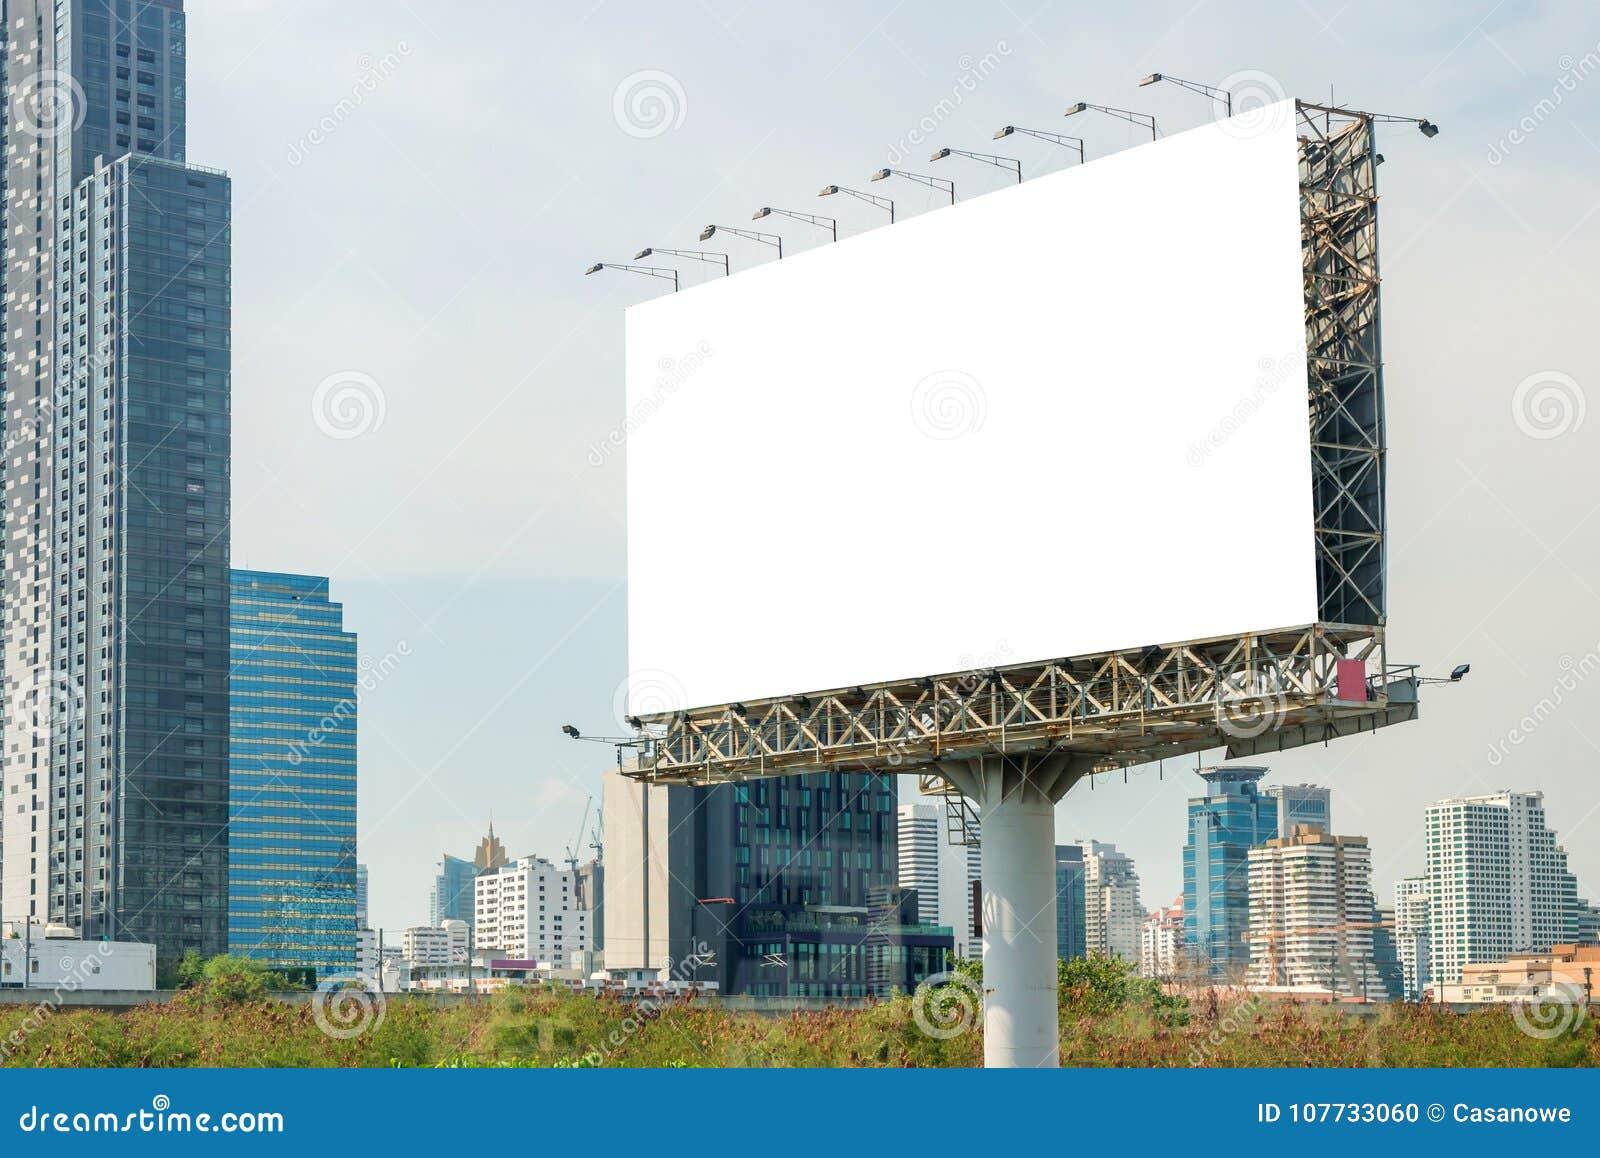 Anschlagtafelfreier raum auf Straße in der Stadt für die Werbung des Hintergrundes